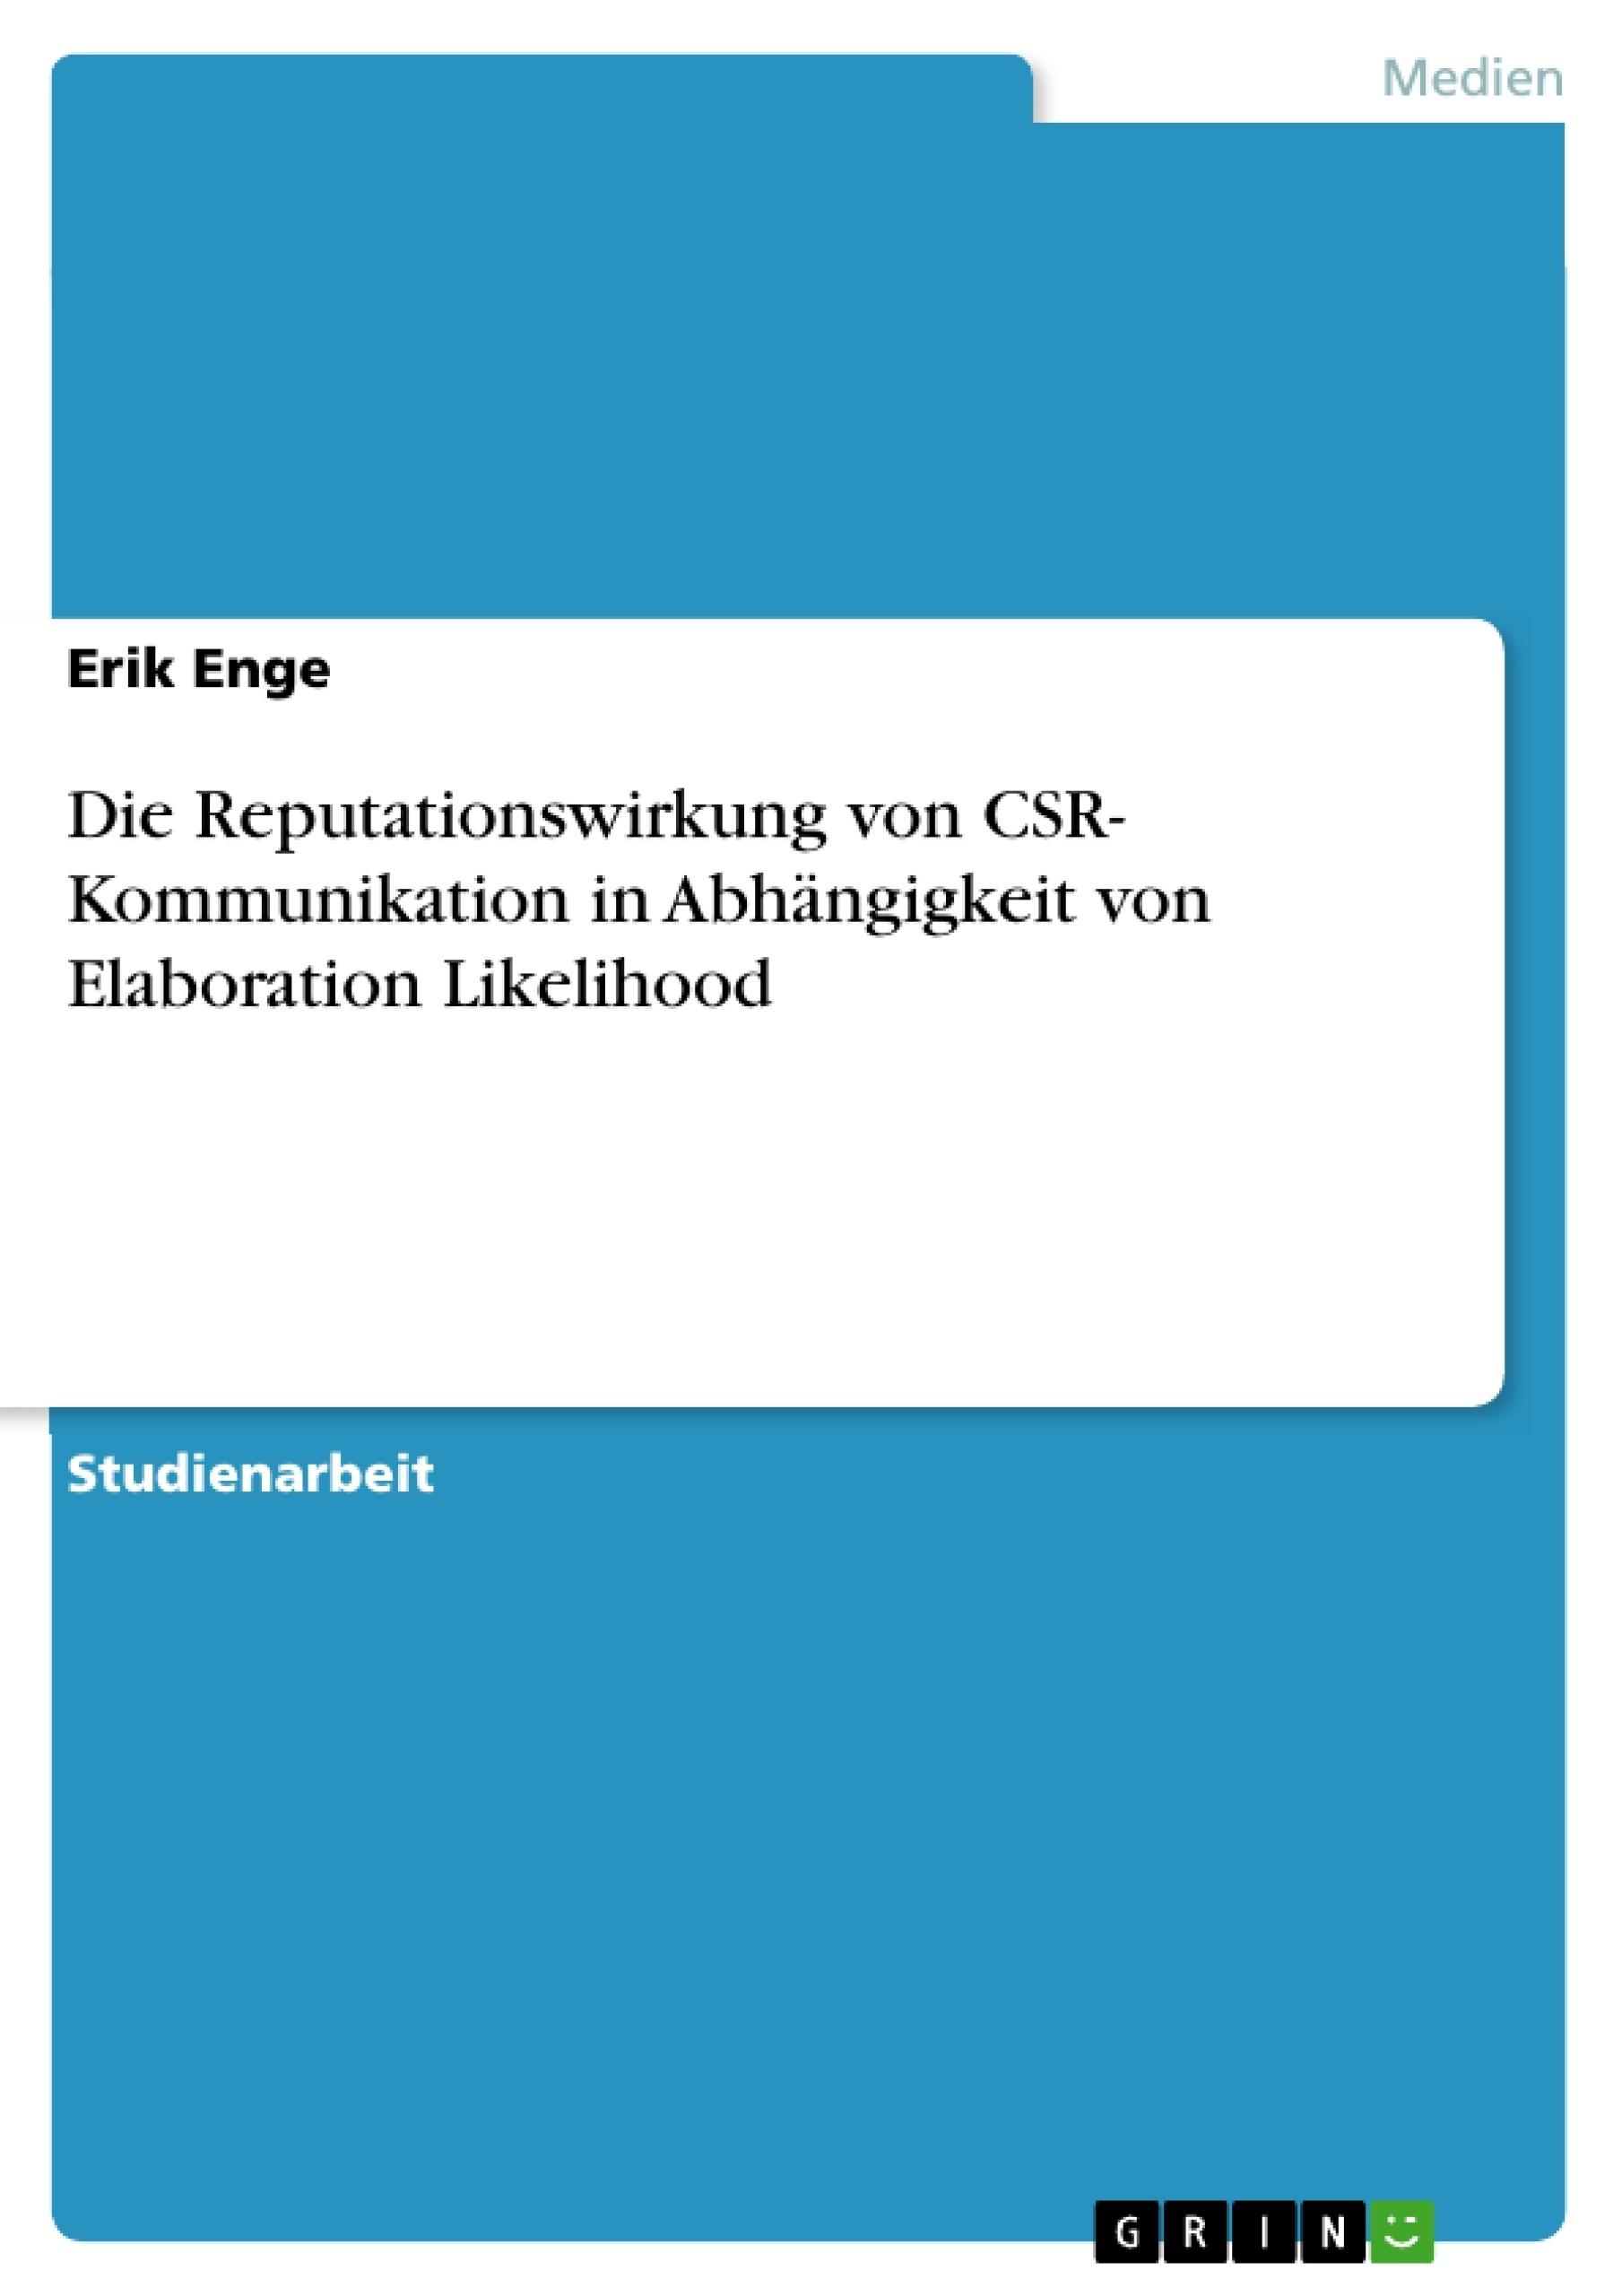 Titel: Die Reputationswirkung von CSR- Kommunikation in Abhängigkeit von Elaboration Likelihood